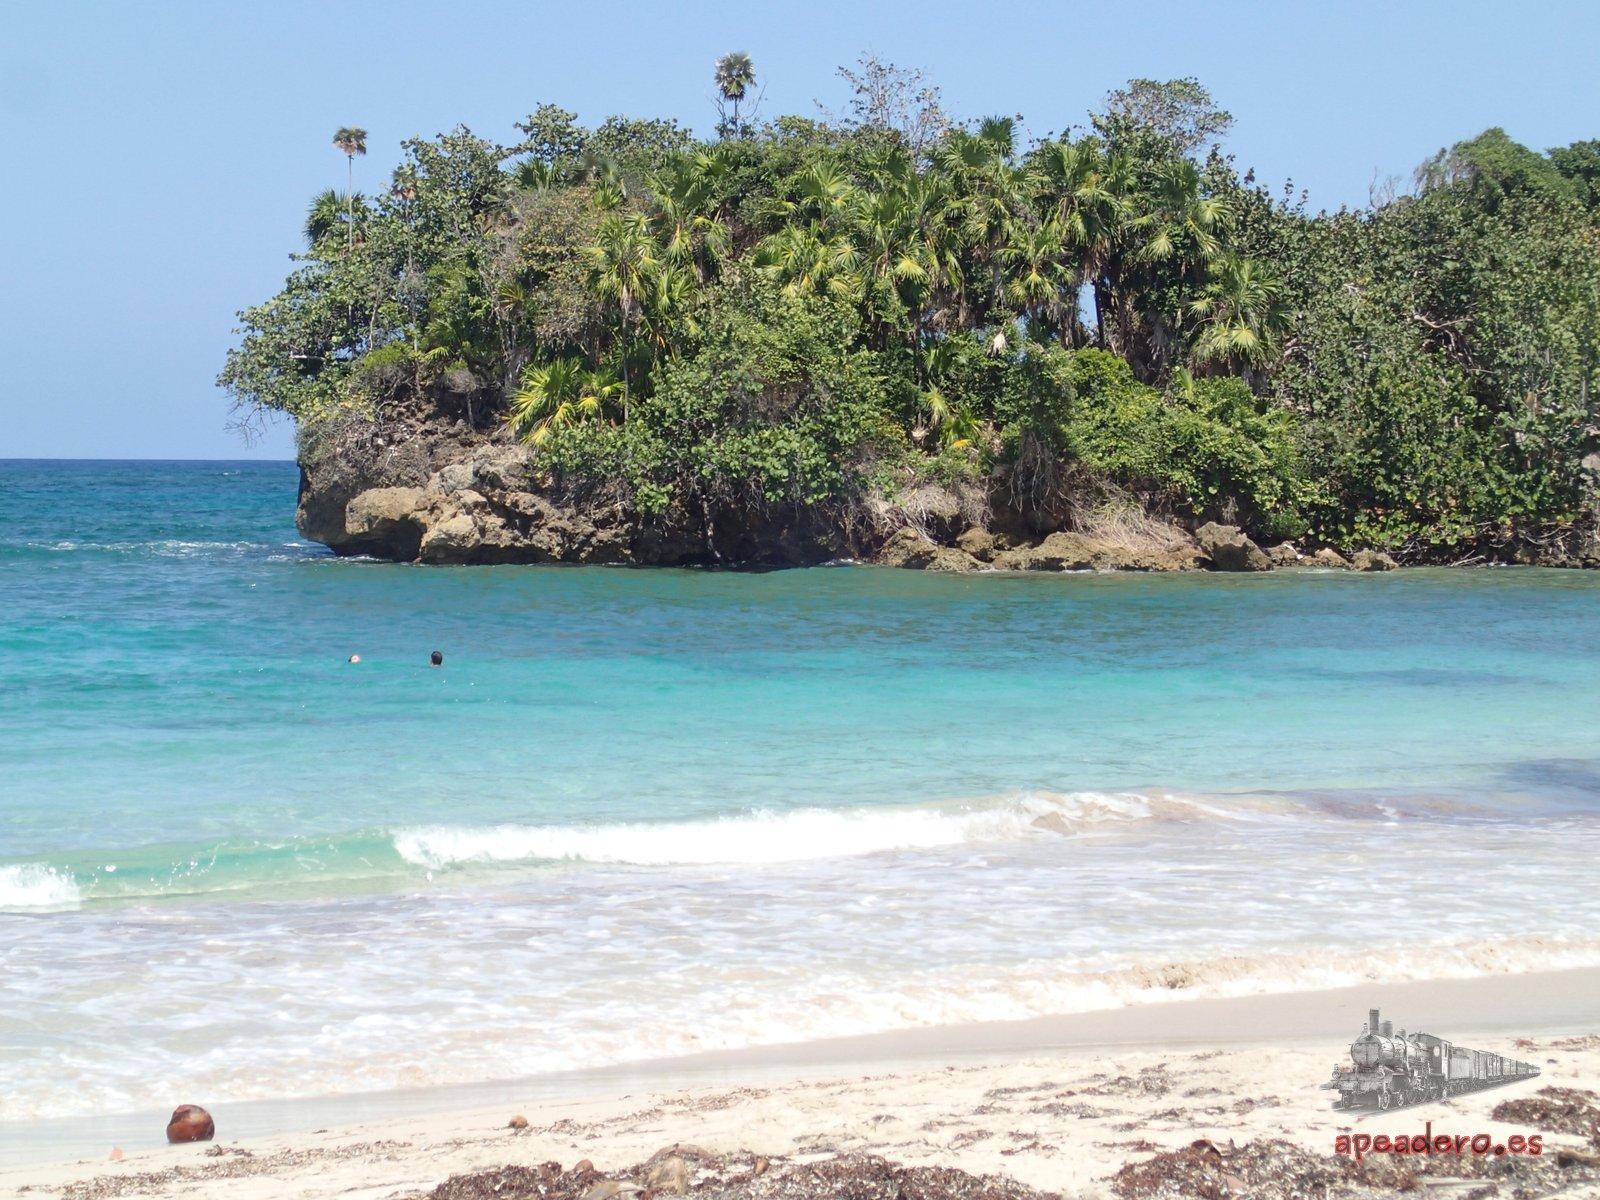 La playa de Managua es pequeña, pero estarás casi solo.